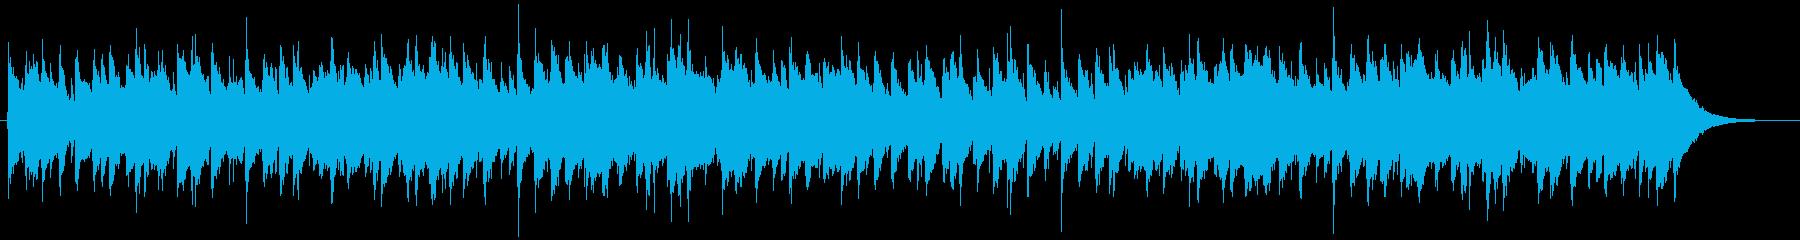 切ない片思い/深いおしゃれ/ピアノチェロの再生済みの波形